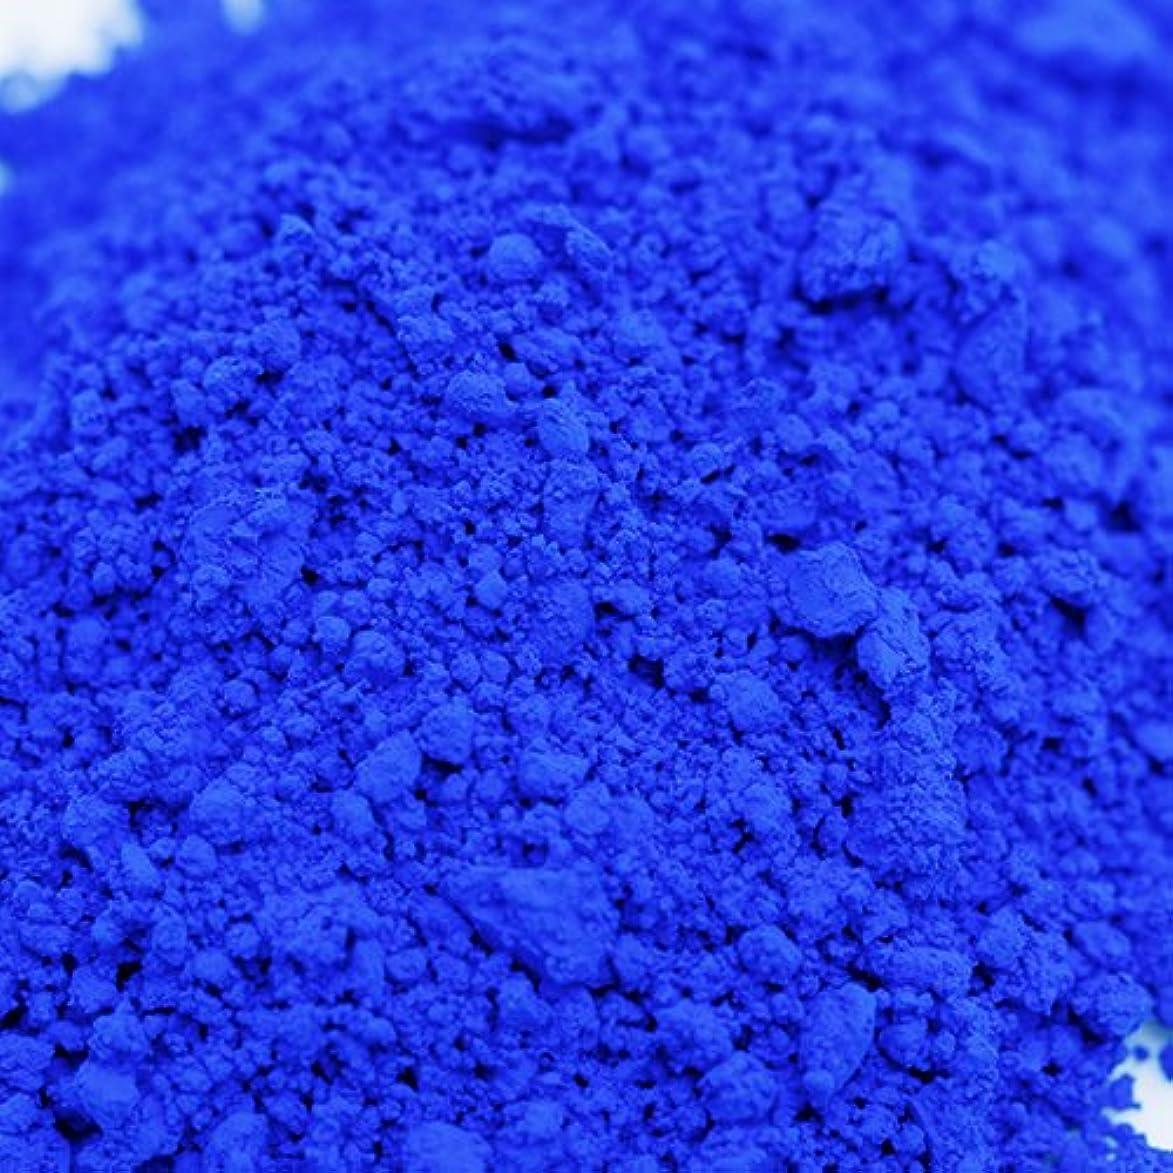 アナロジー悪因子可塑性ウルトラマリン ブルー 20g 【手作り石鹸/手作りコスメ/色付け/カラーラント/青】